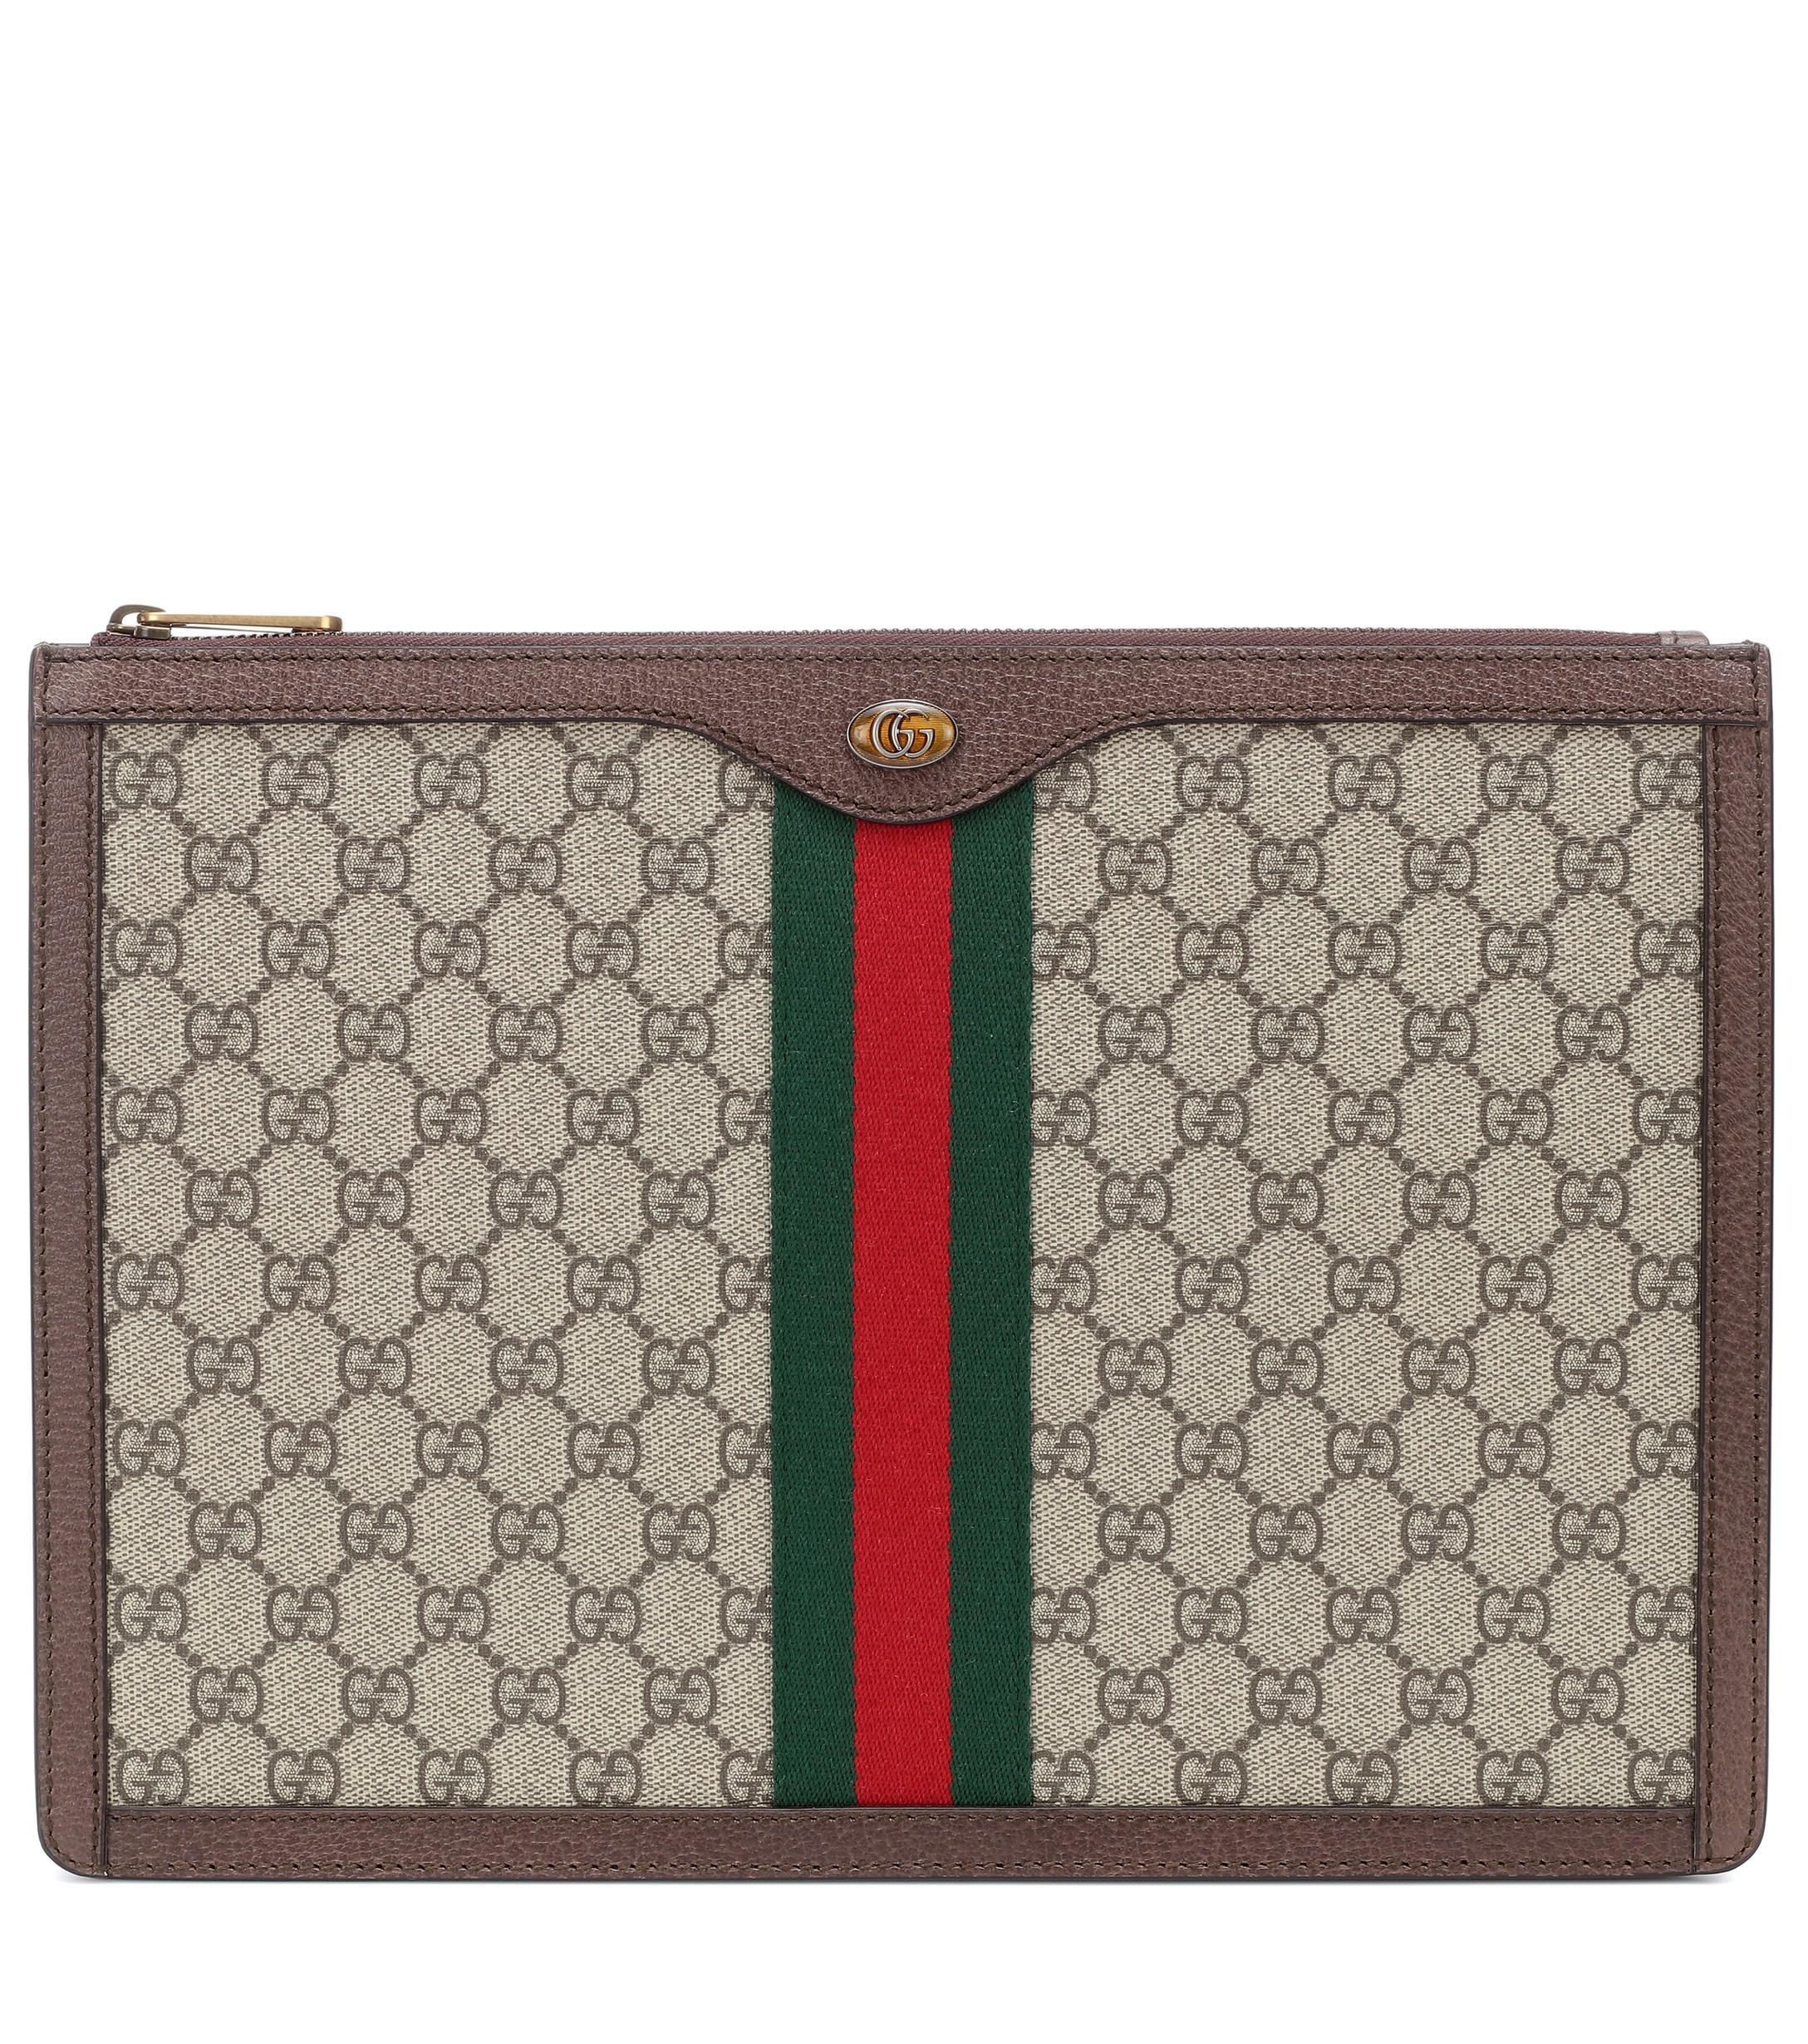 Lyst - Pochette en cuir imprimé GG Supreme Portfolio Gucci 19102750269c